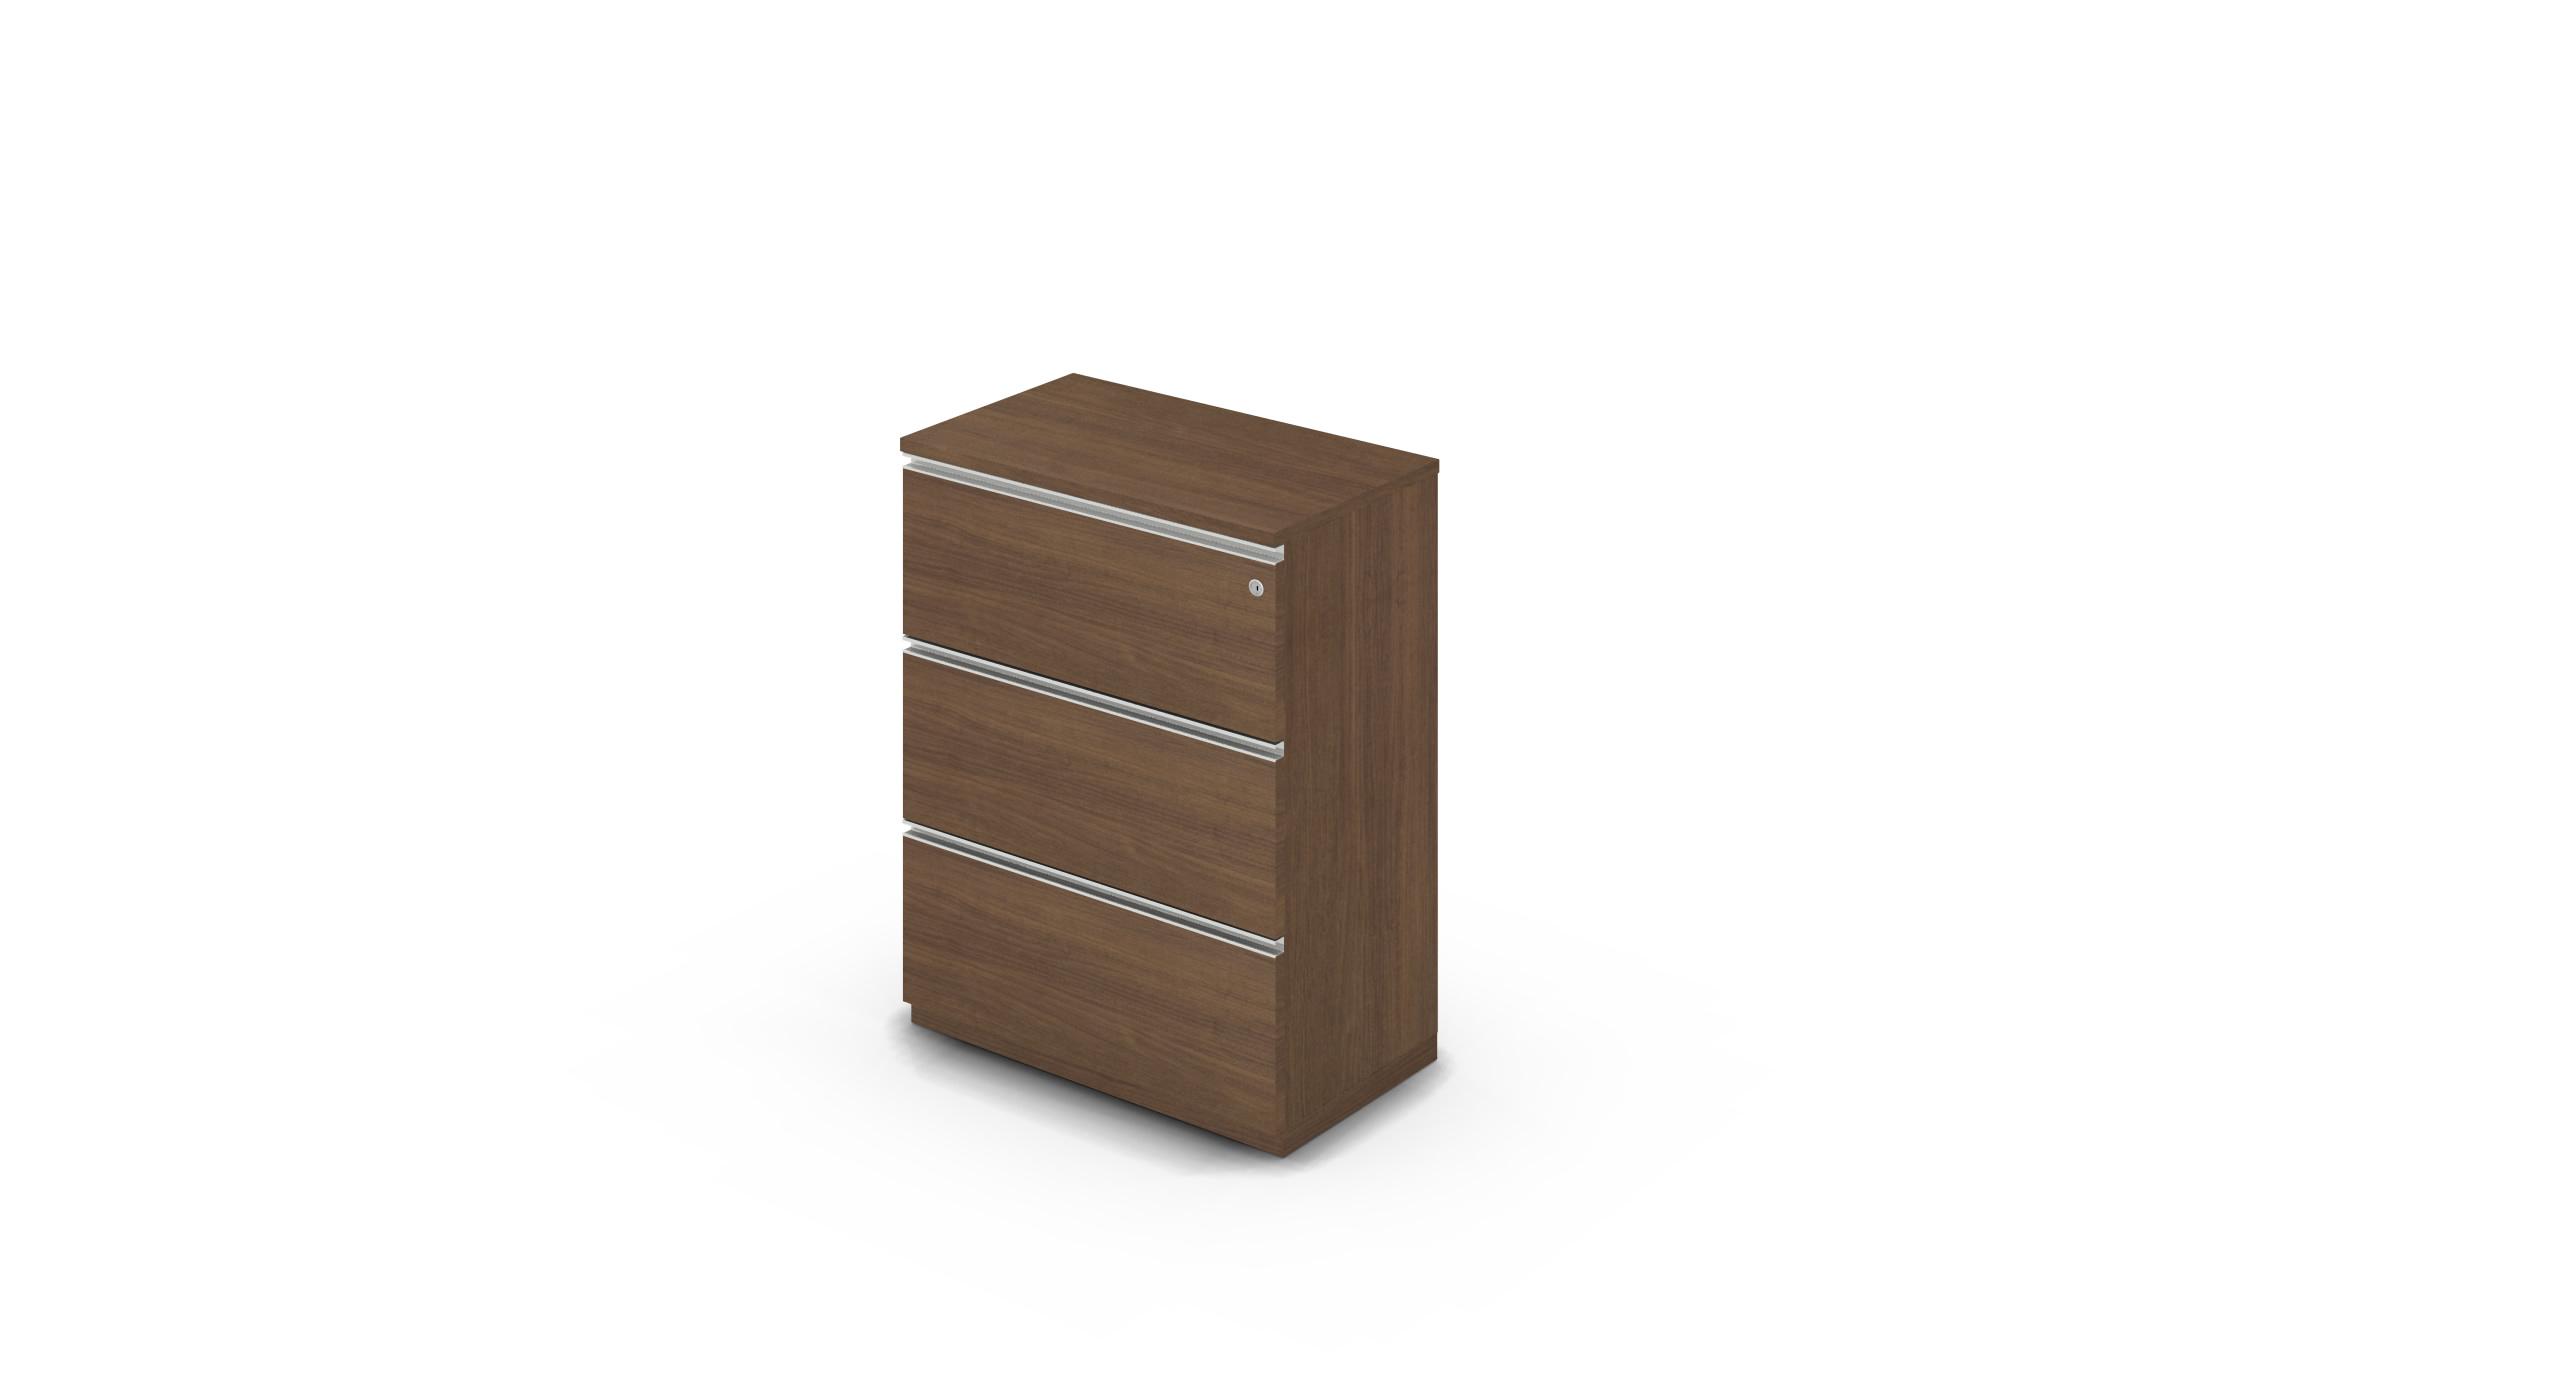 Cabinet_800x450x1125_DR_Walnut_Rail_WithCylinder